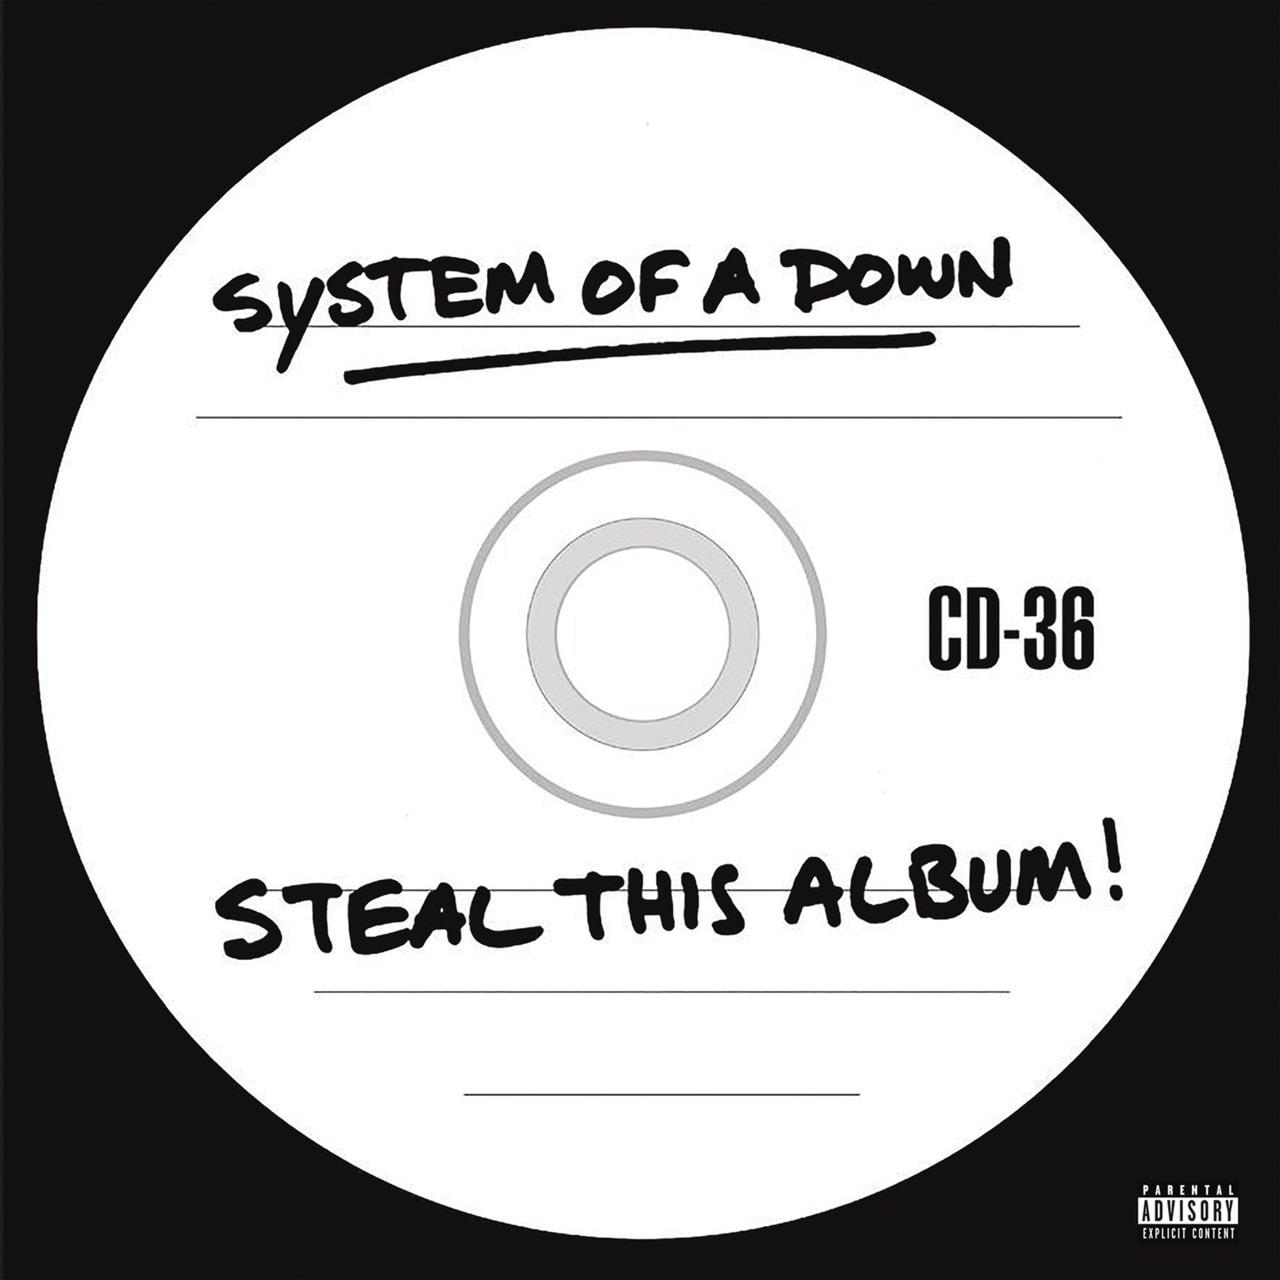 Steal This Album! - 1